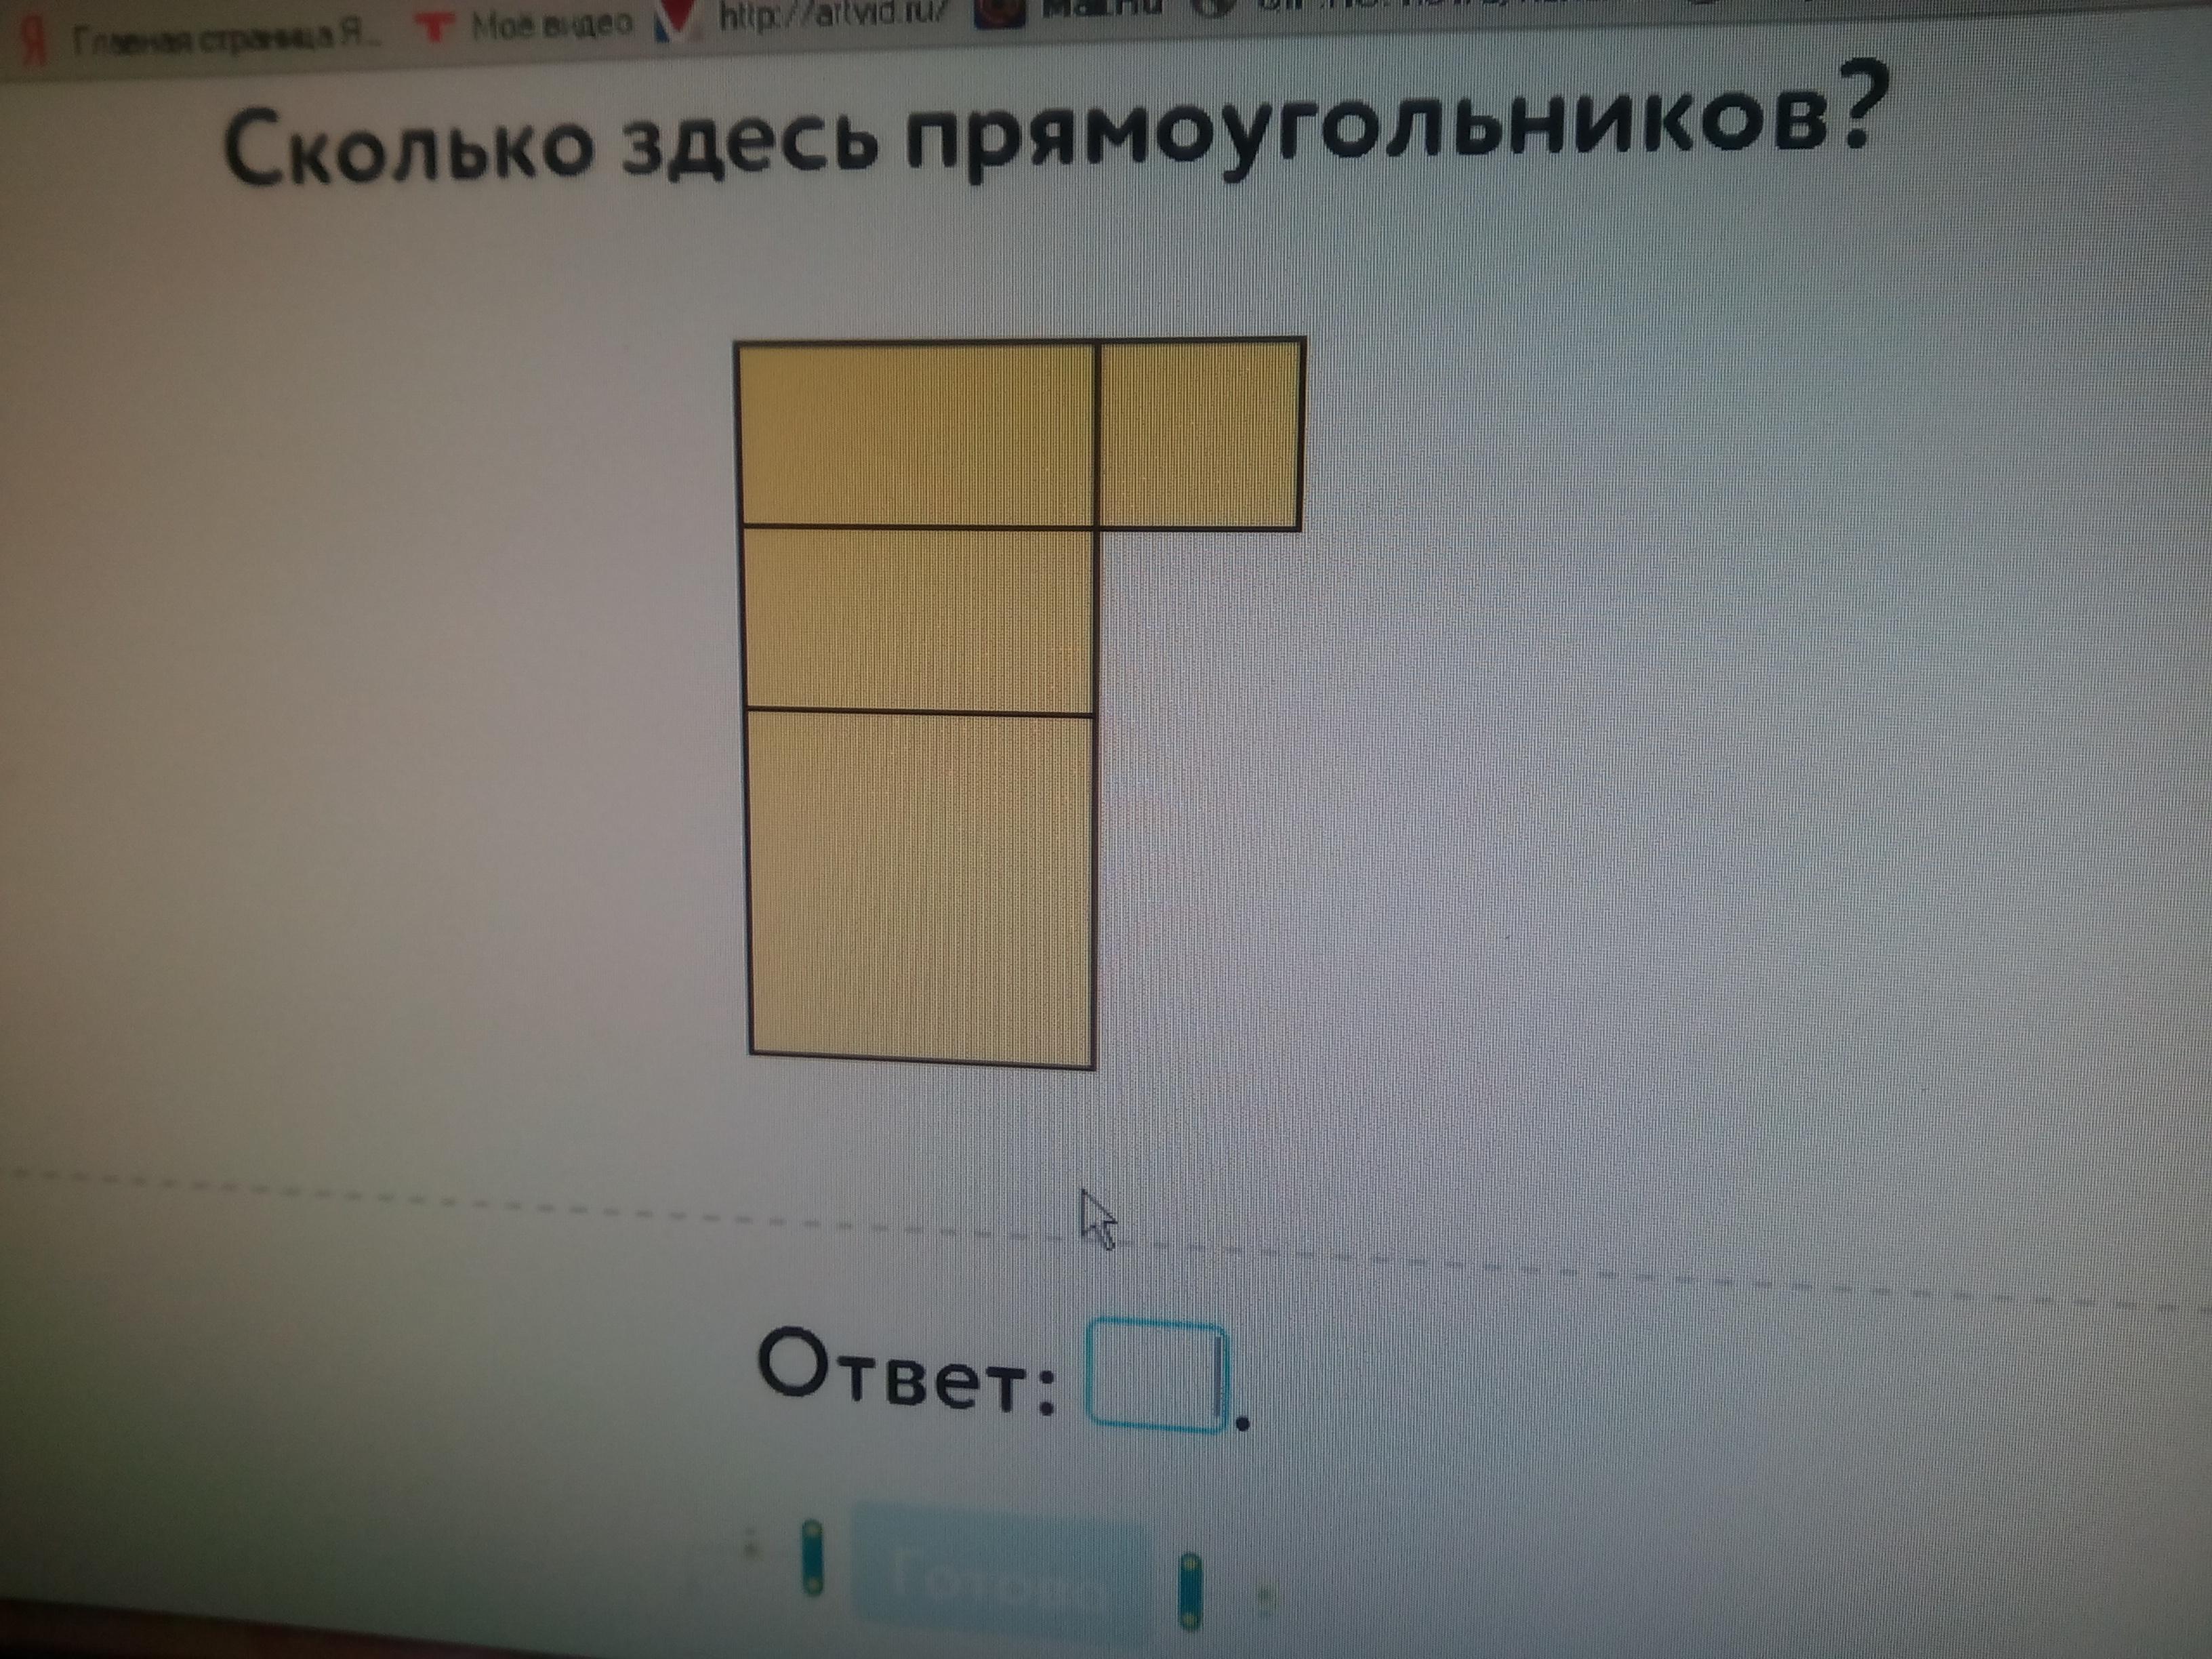 Учи.ру. Сколько здесь прямоугольников? СРОЧНО!!!